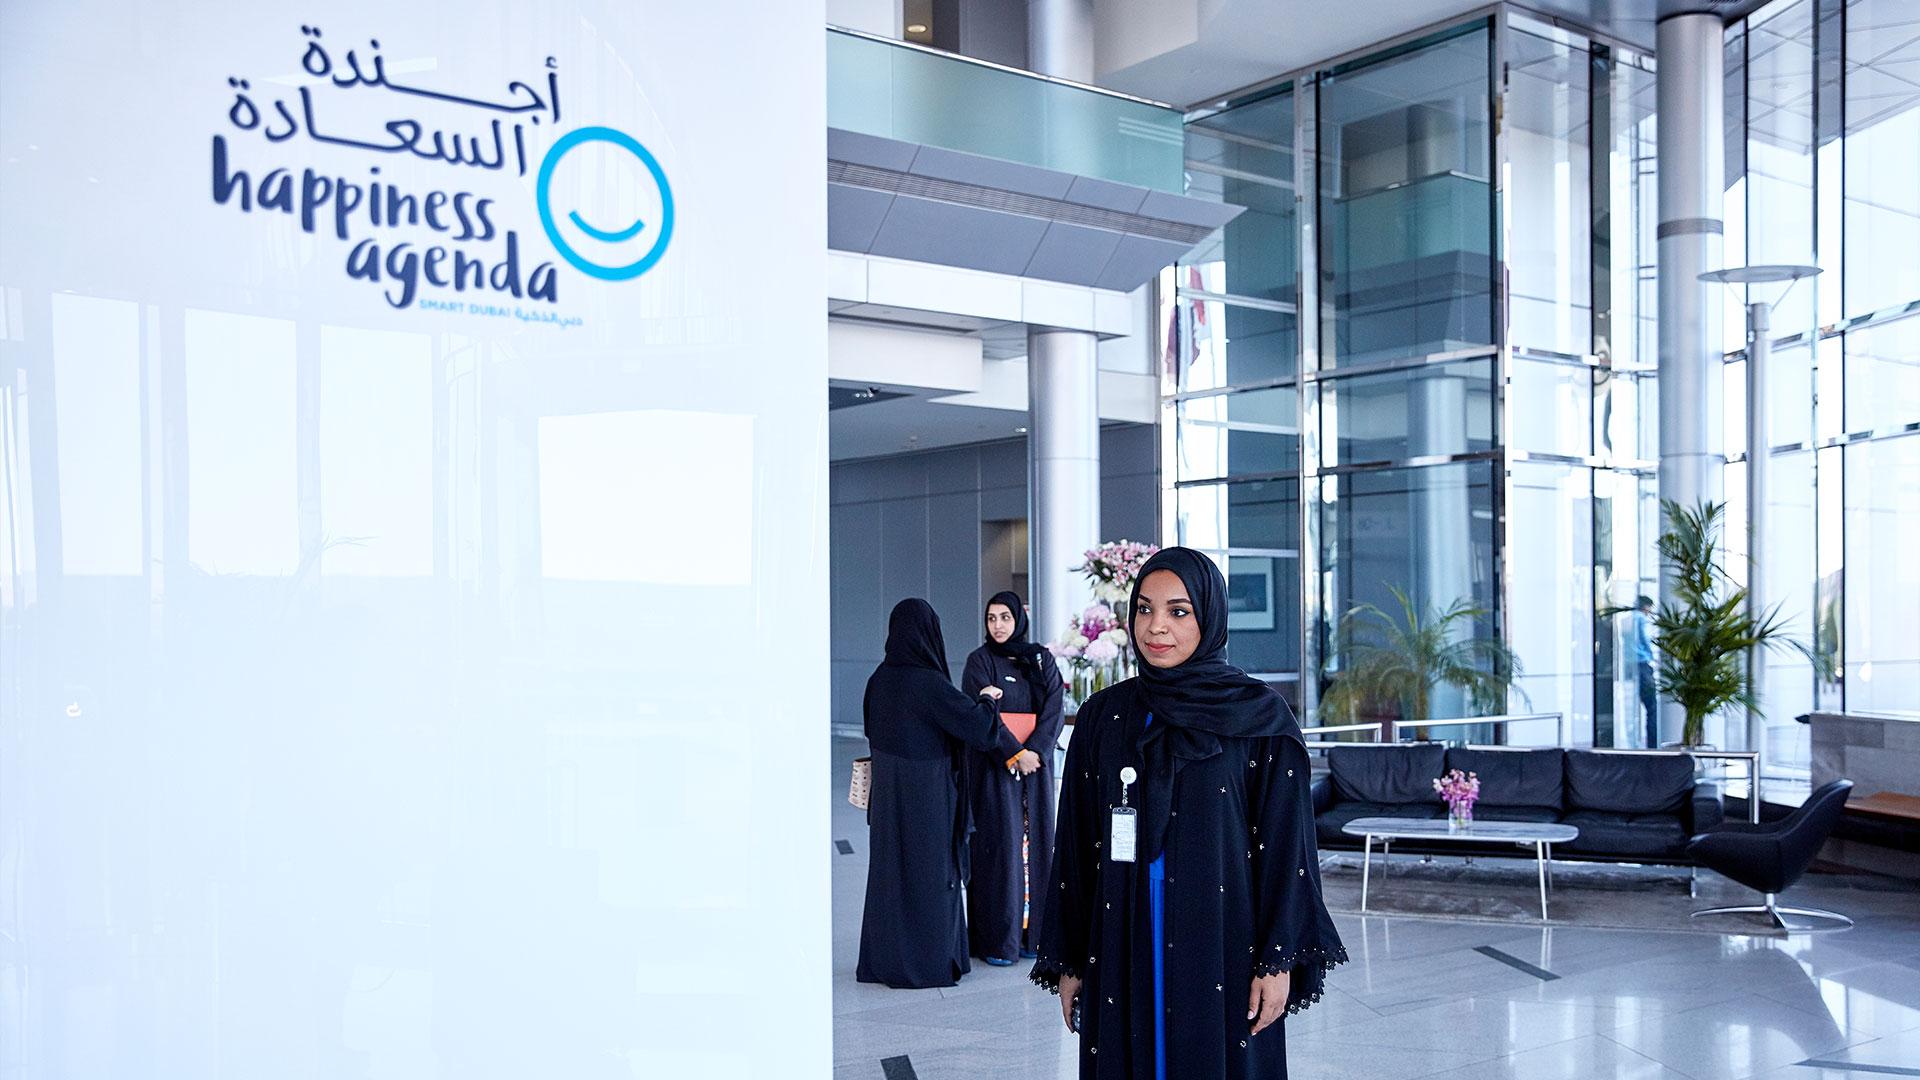 Happiness_Agenda_Emirates_Towers_08.jpg